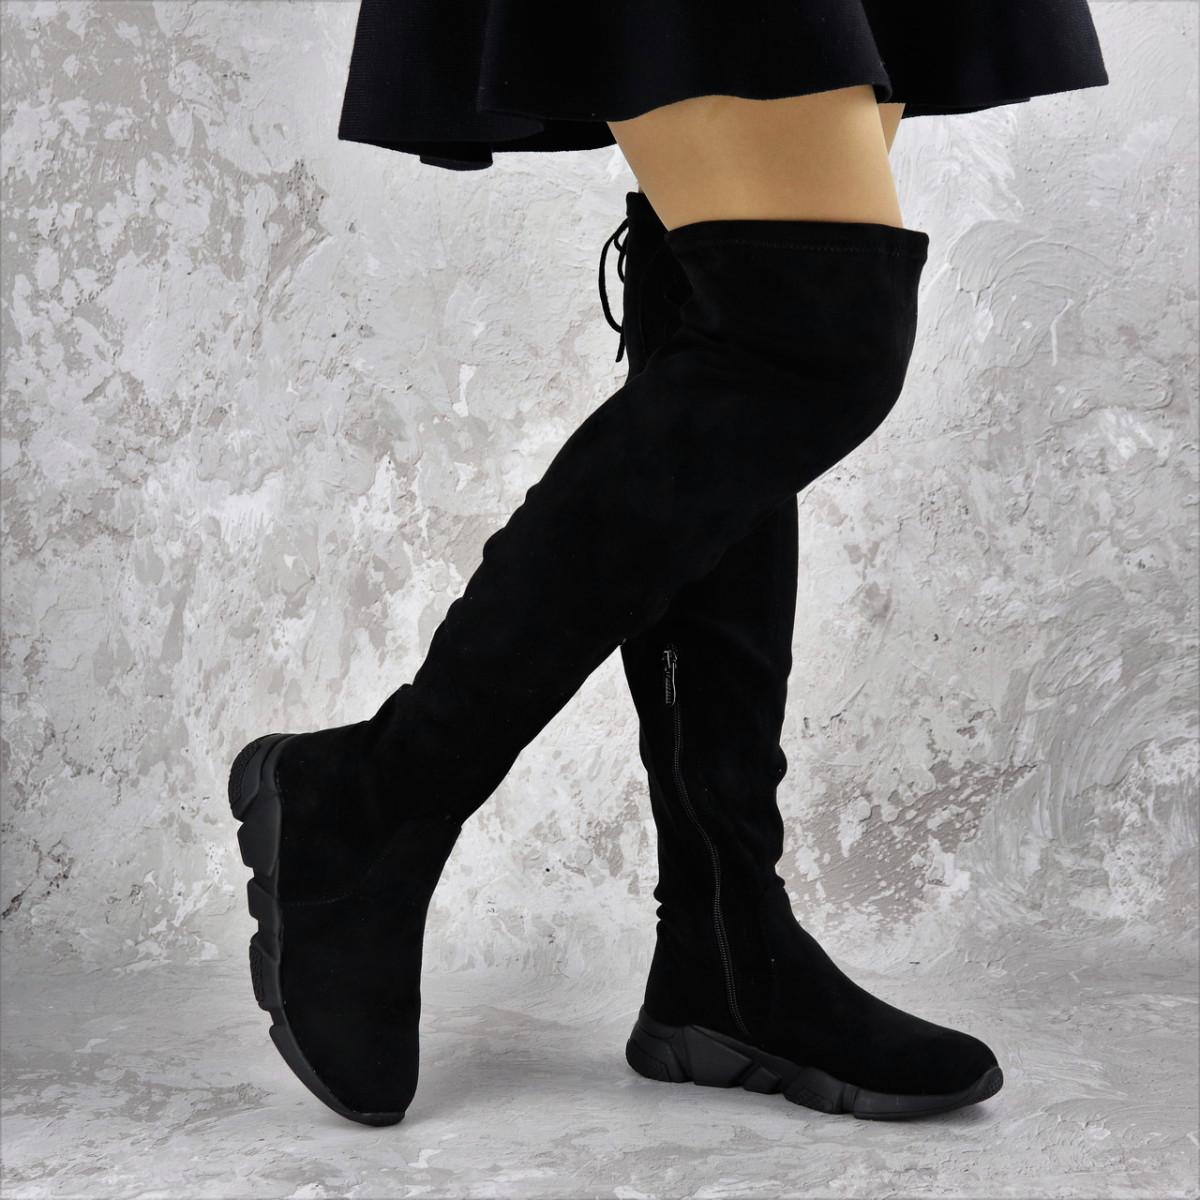 Женские зимние ботфорты Fashion Fabio 1364 36 размер 23 см Черный